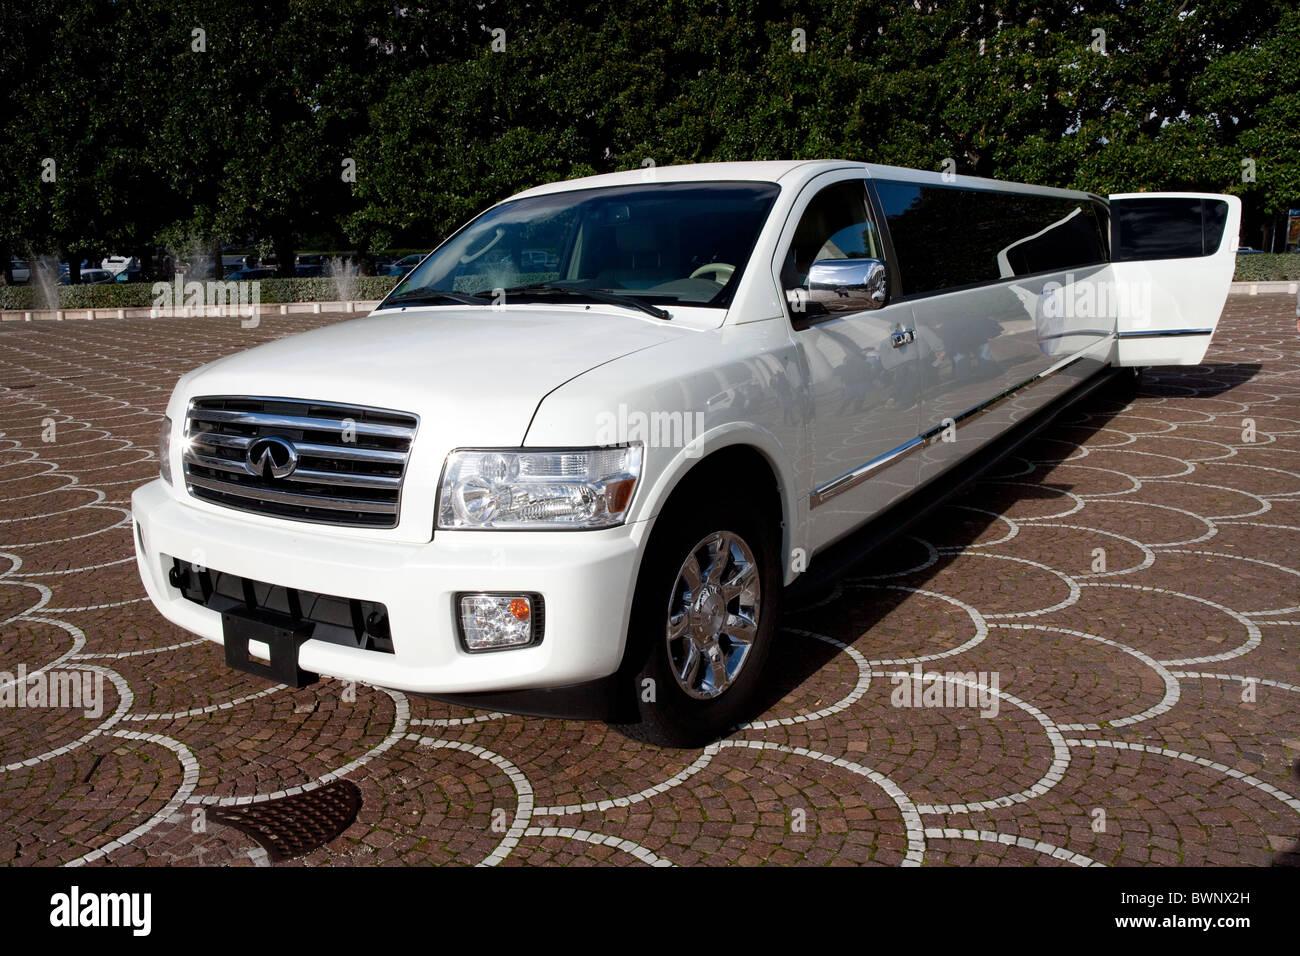 Lexus limo car limousine parked - Stock Image